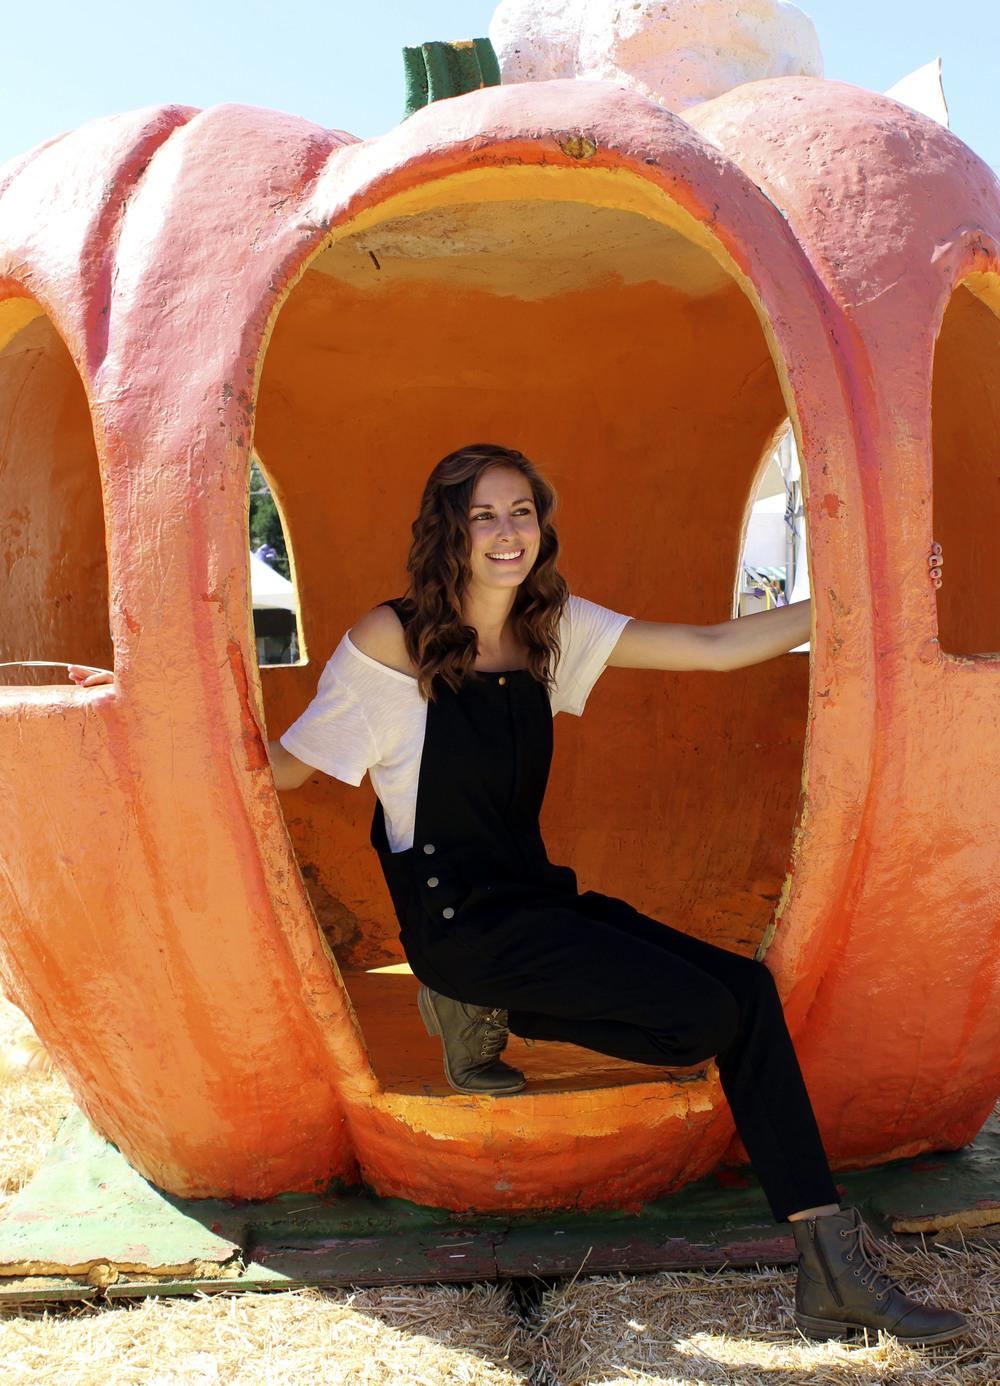 inside the pumpkin1.jpg